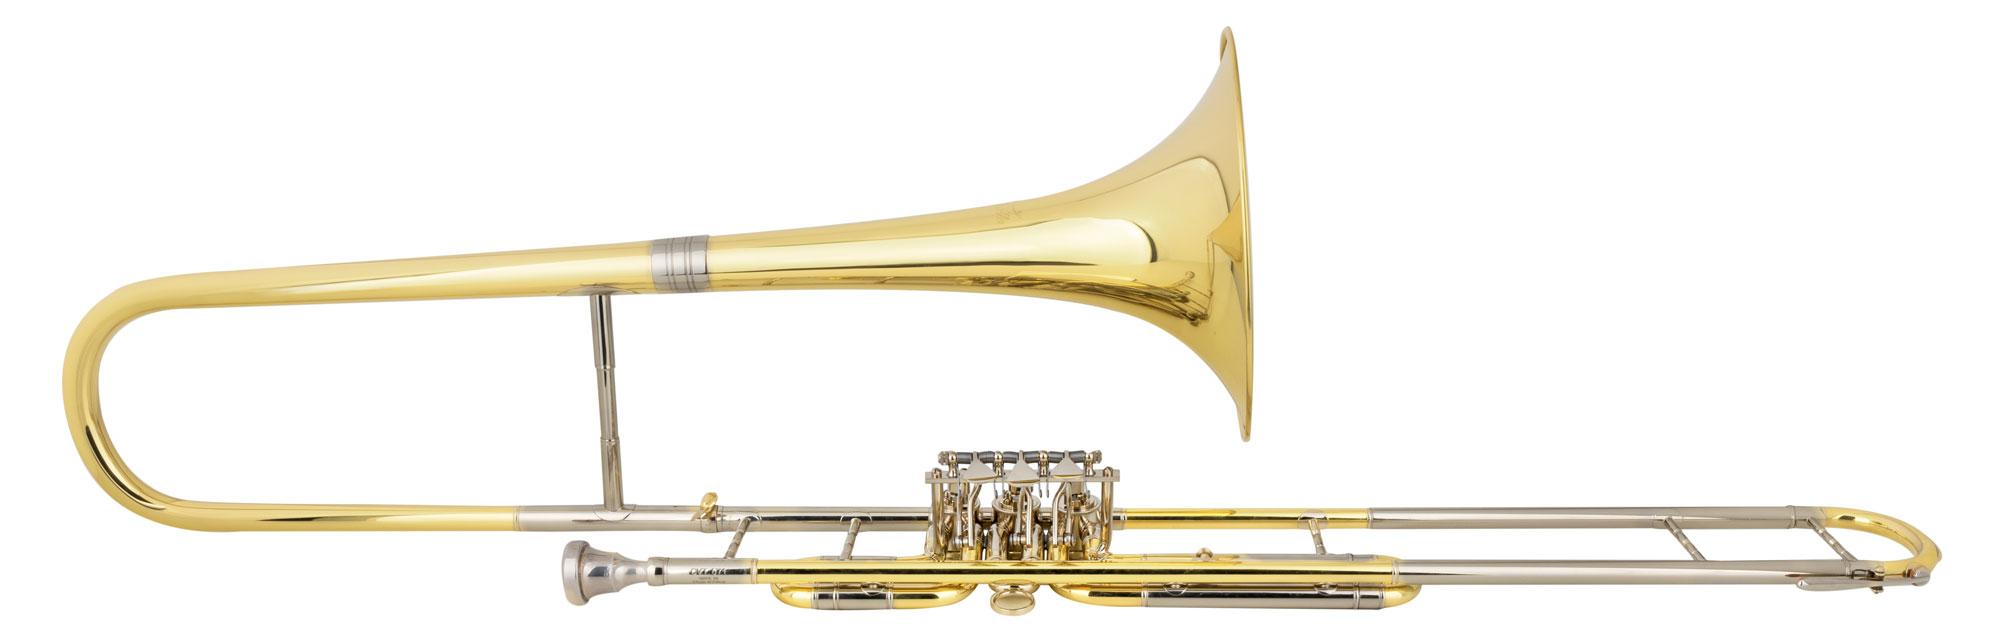 Posaunen - Cerveny CVVT571 3 Ventilposaune - Onlineshop Musikhaus Kirstein